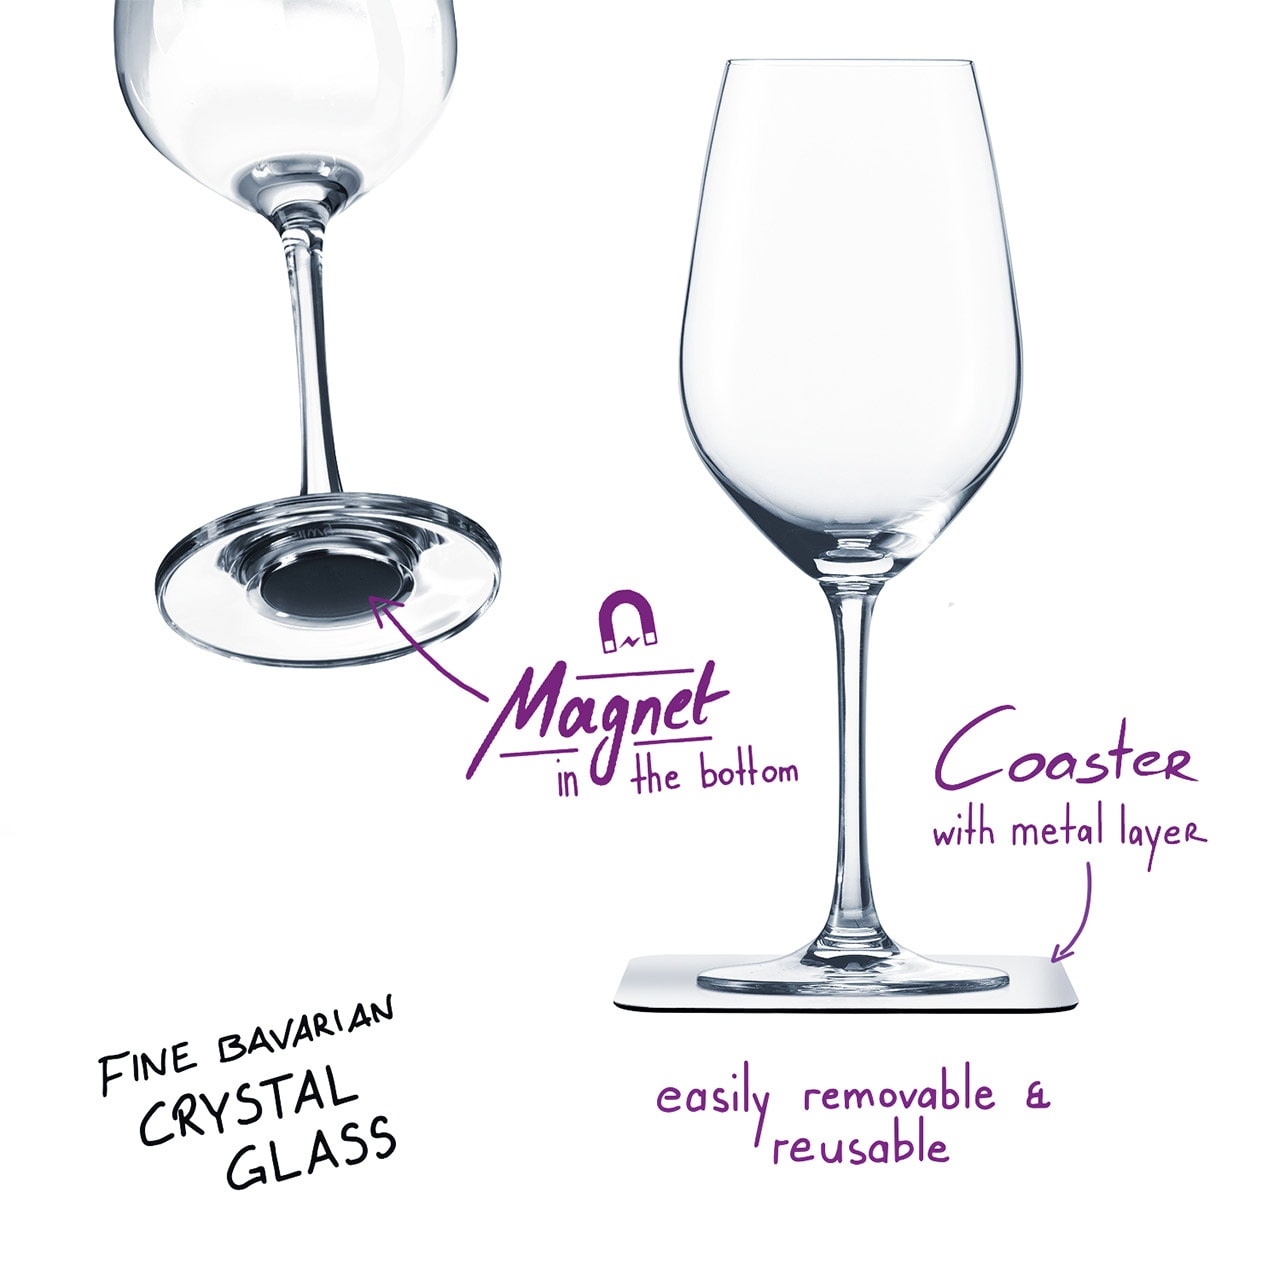 Uknuselige glass SILWY Magnetic Plastglass Prosecco 6 stk og magnetpads KOCHC2